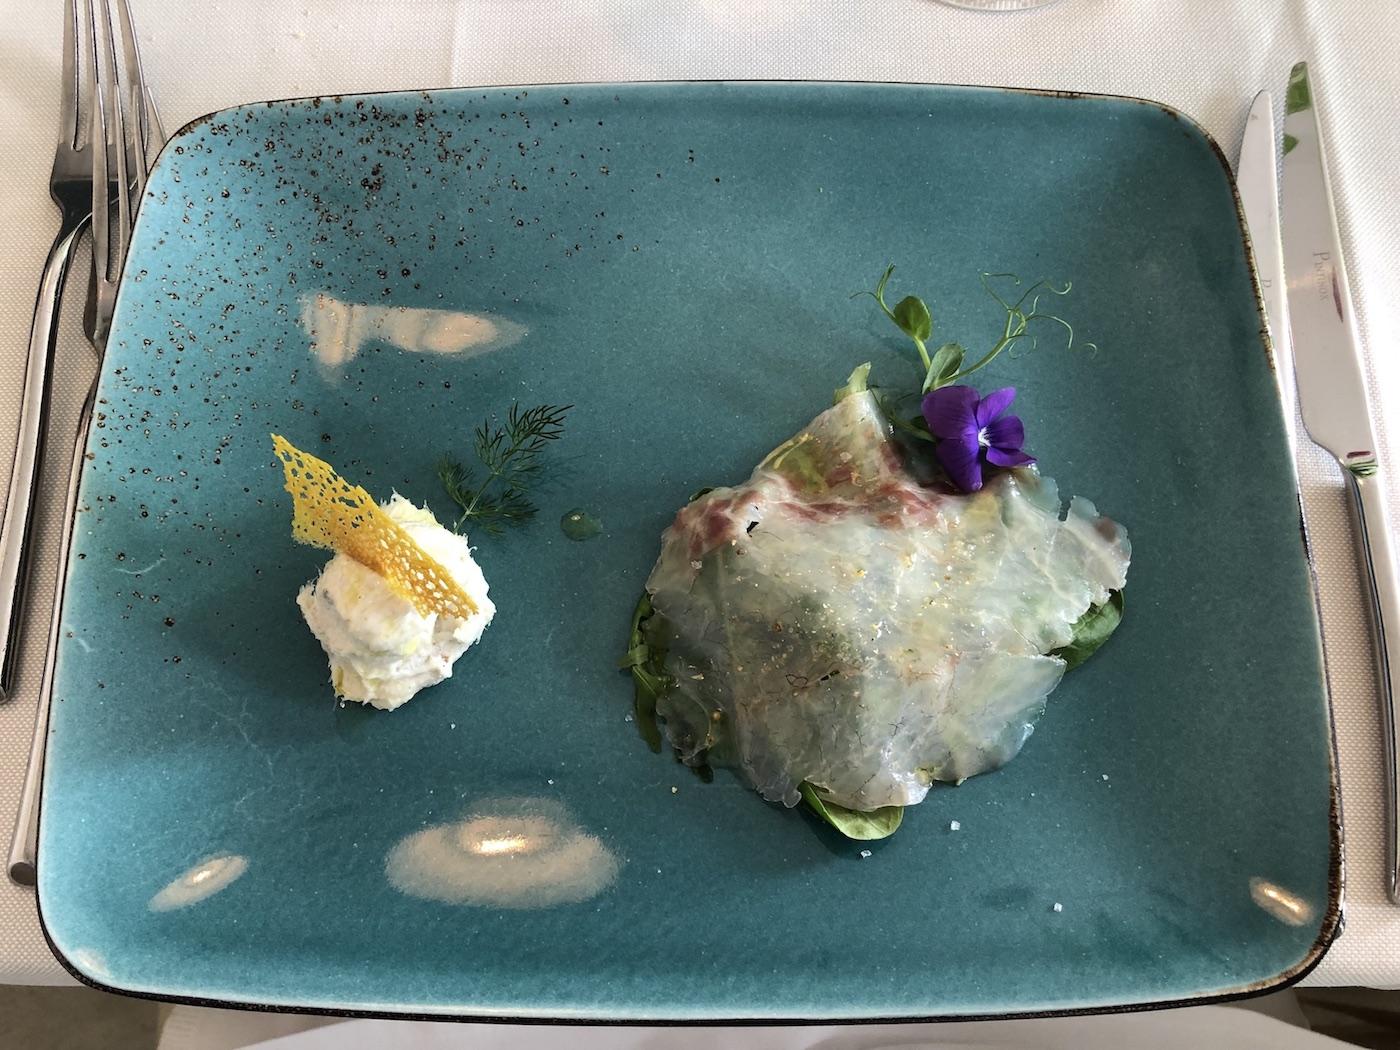 Baccalà mantecato e carpaccio di branzino serviti come antipasto alla Bottega dei sapori